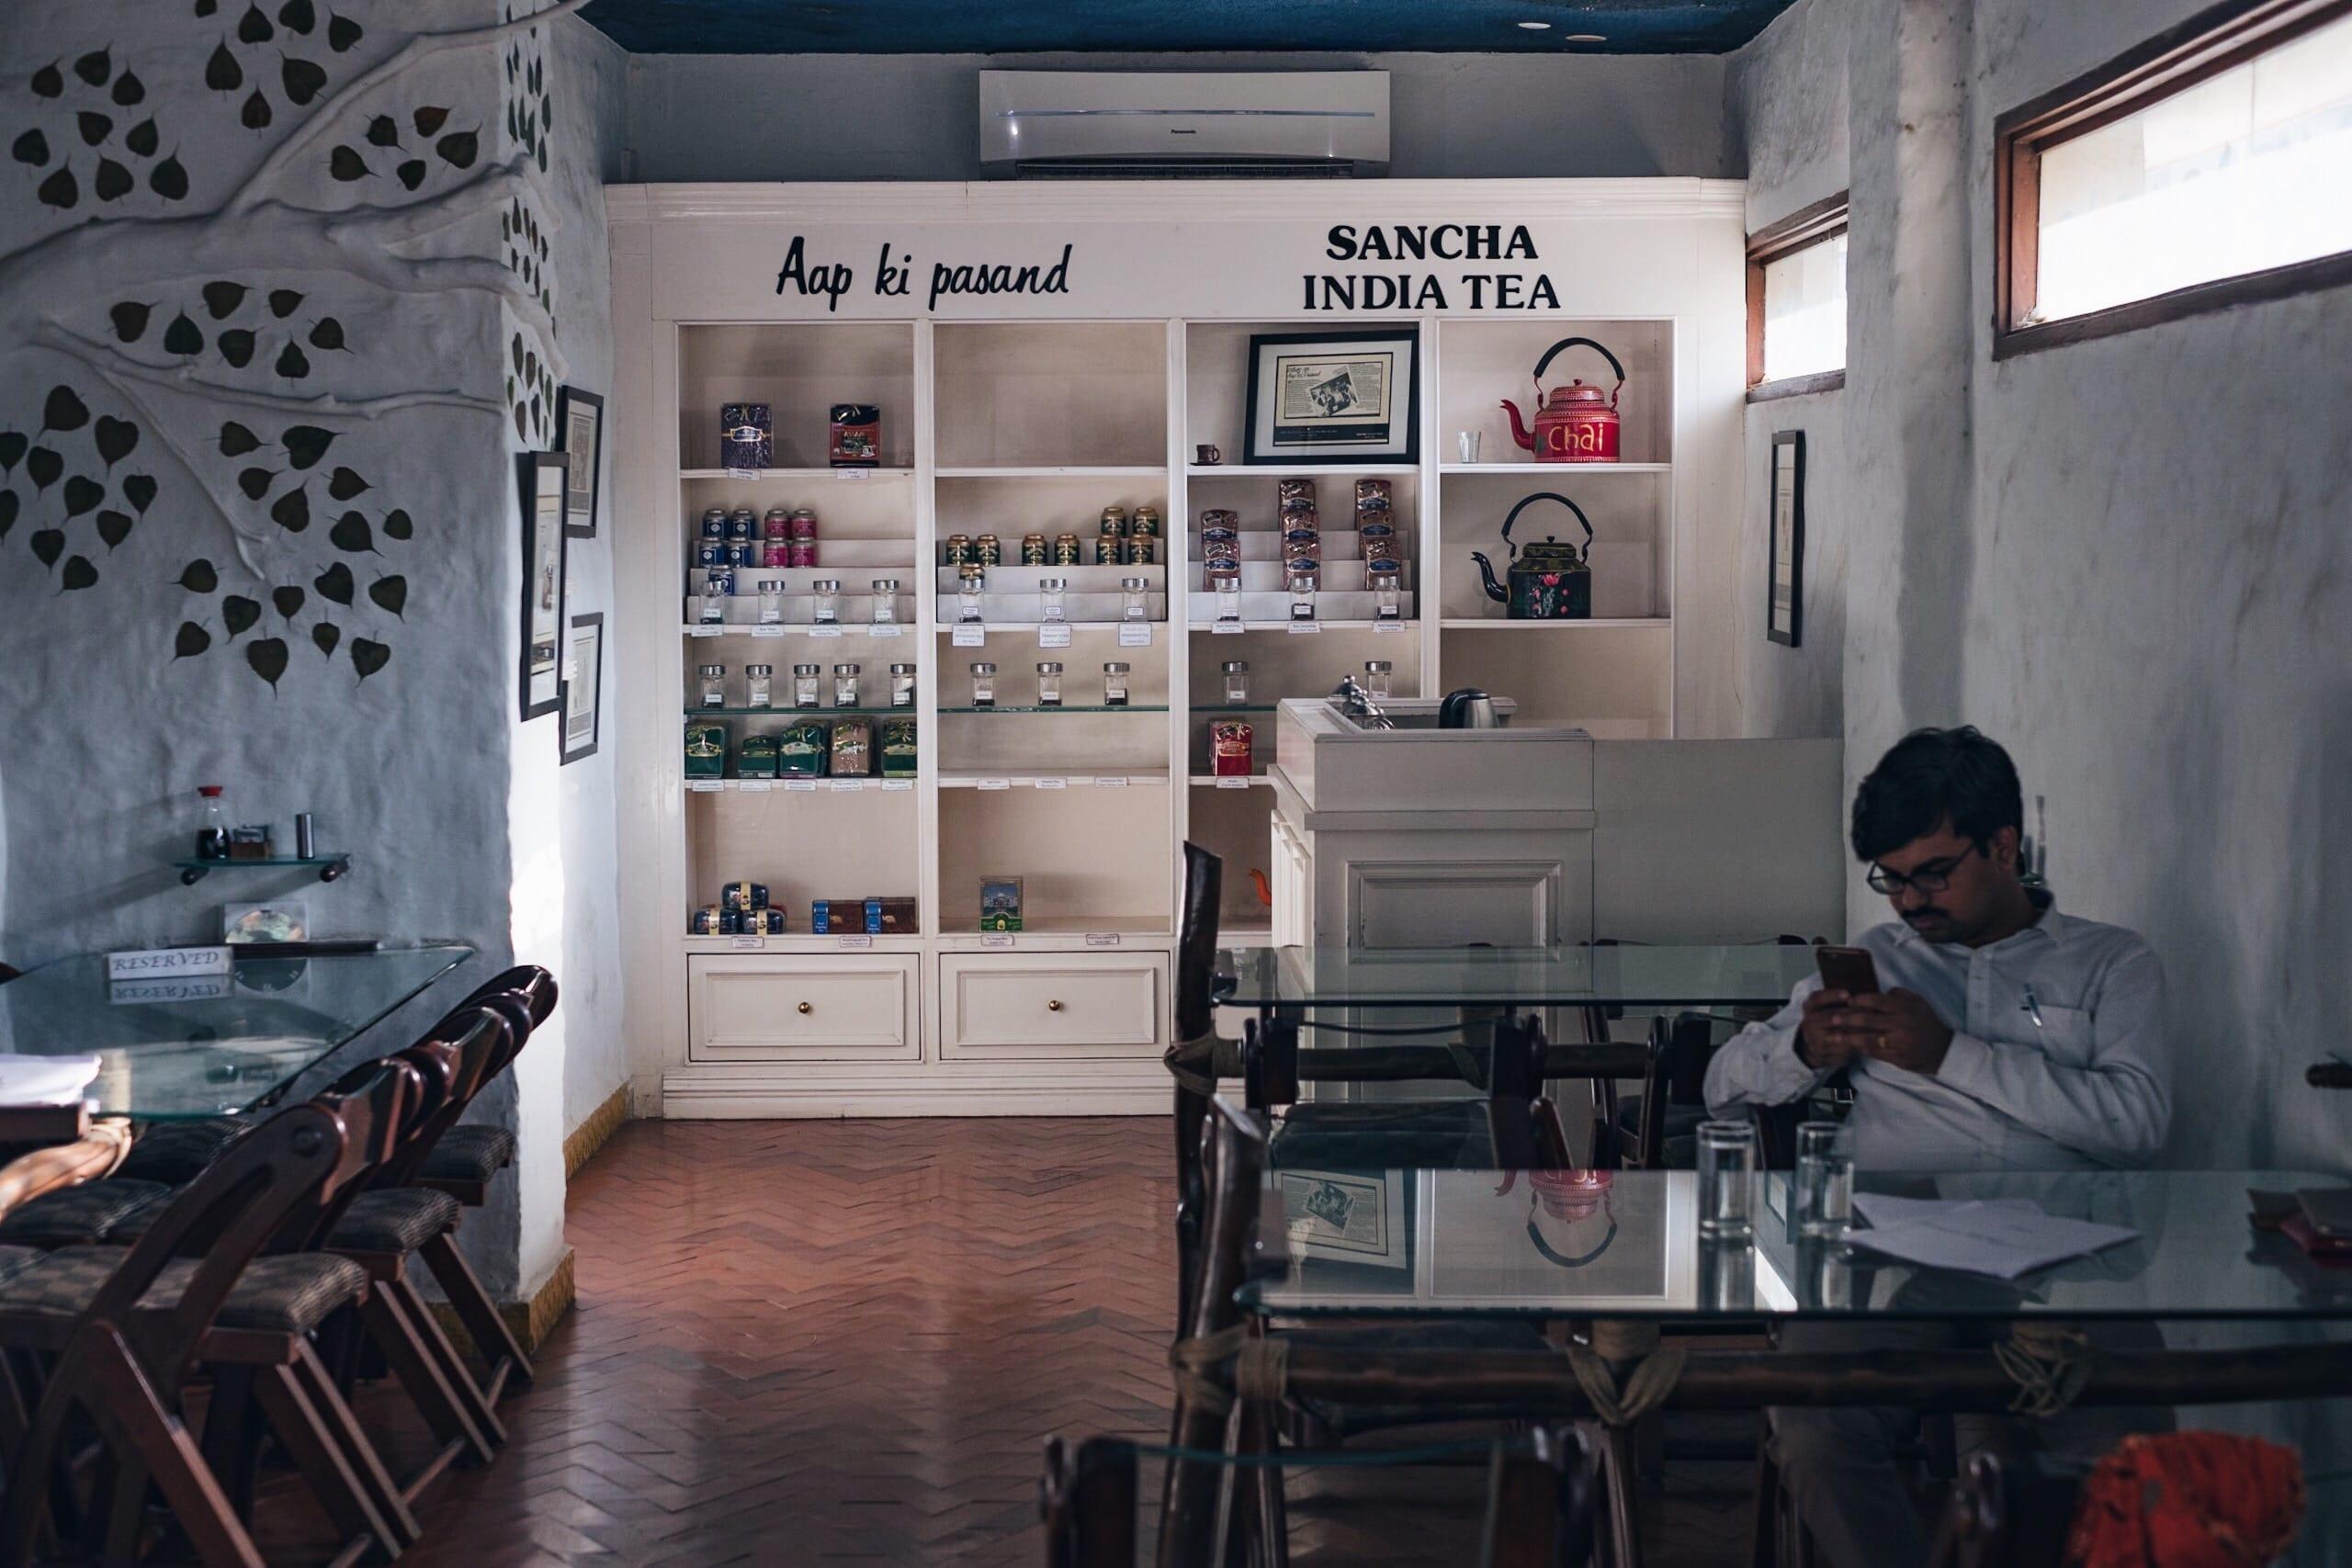 バラナシで快適にノマドワークできるおすすめのWi-Fiカフェ 4店|インド